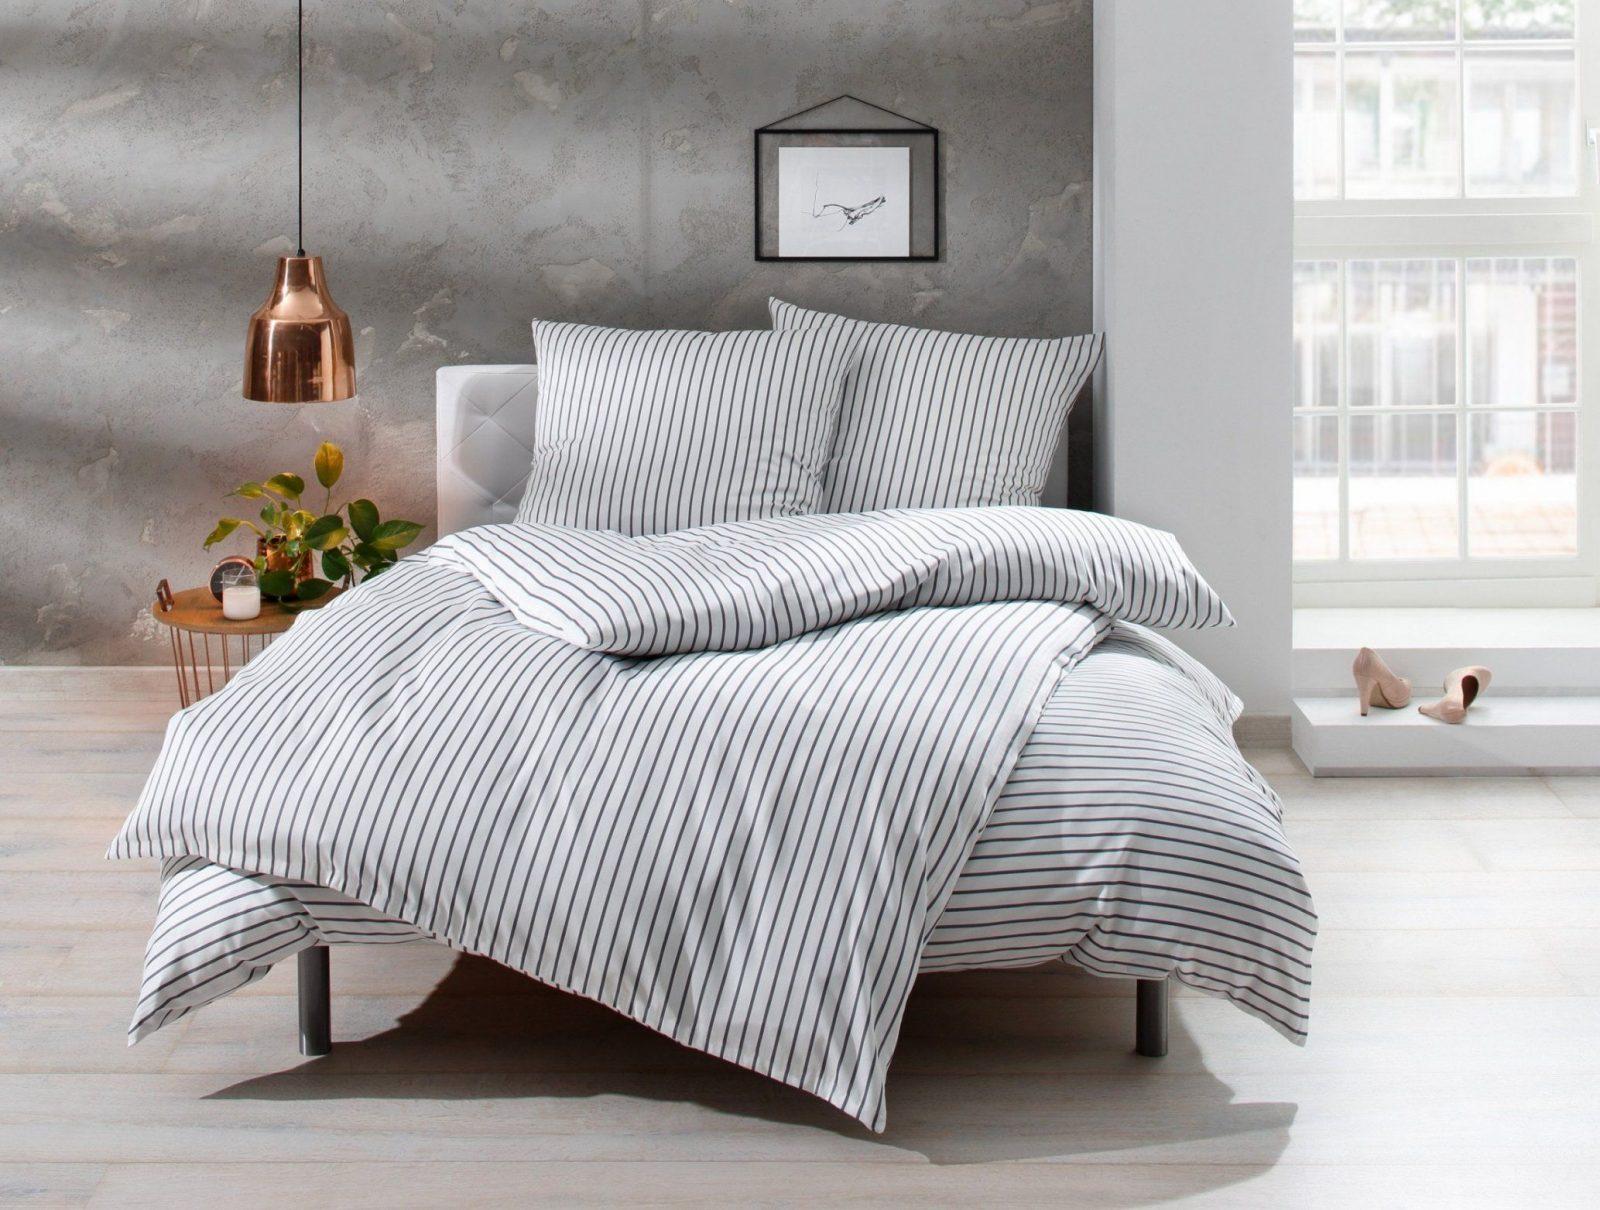 Flanell Bettwäsche Ikea Haus Design Ideen